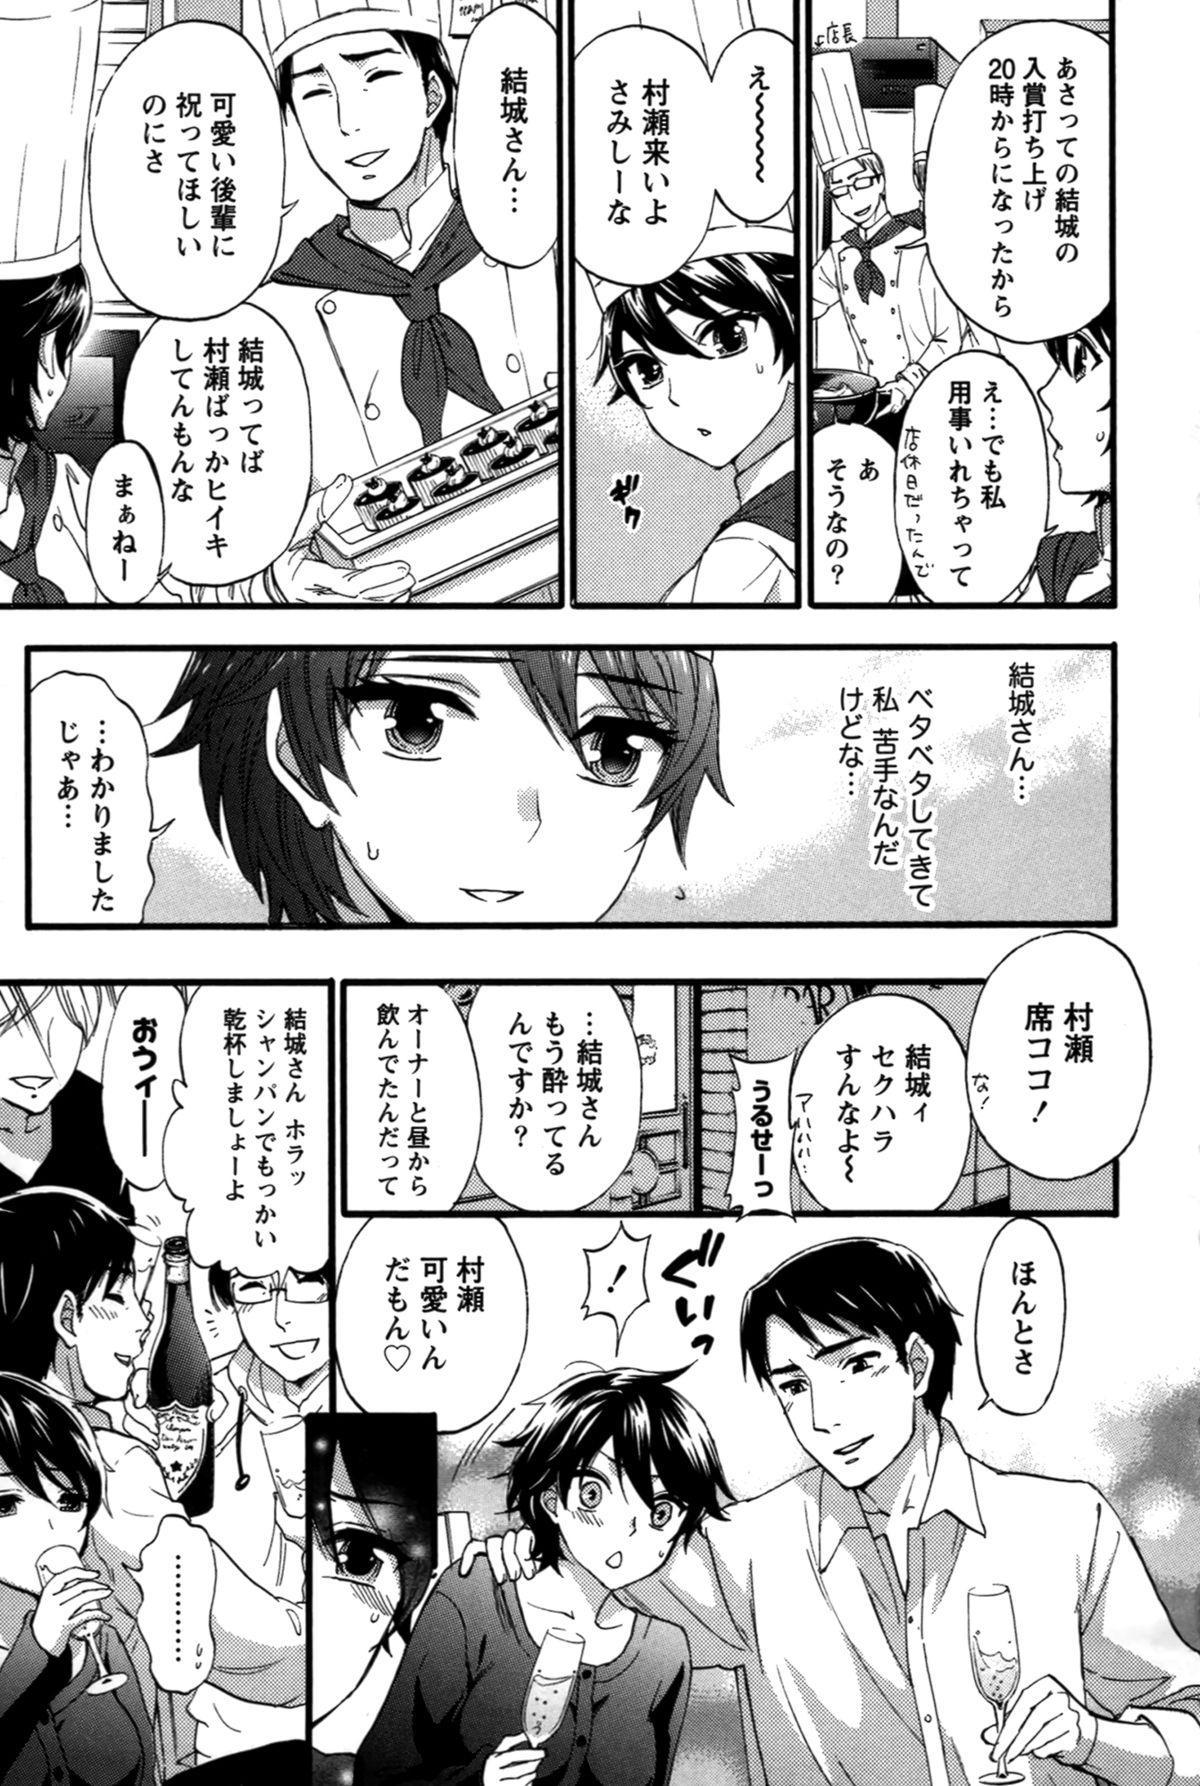 Anata to Watashi wa Warukunai 109